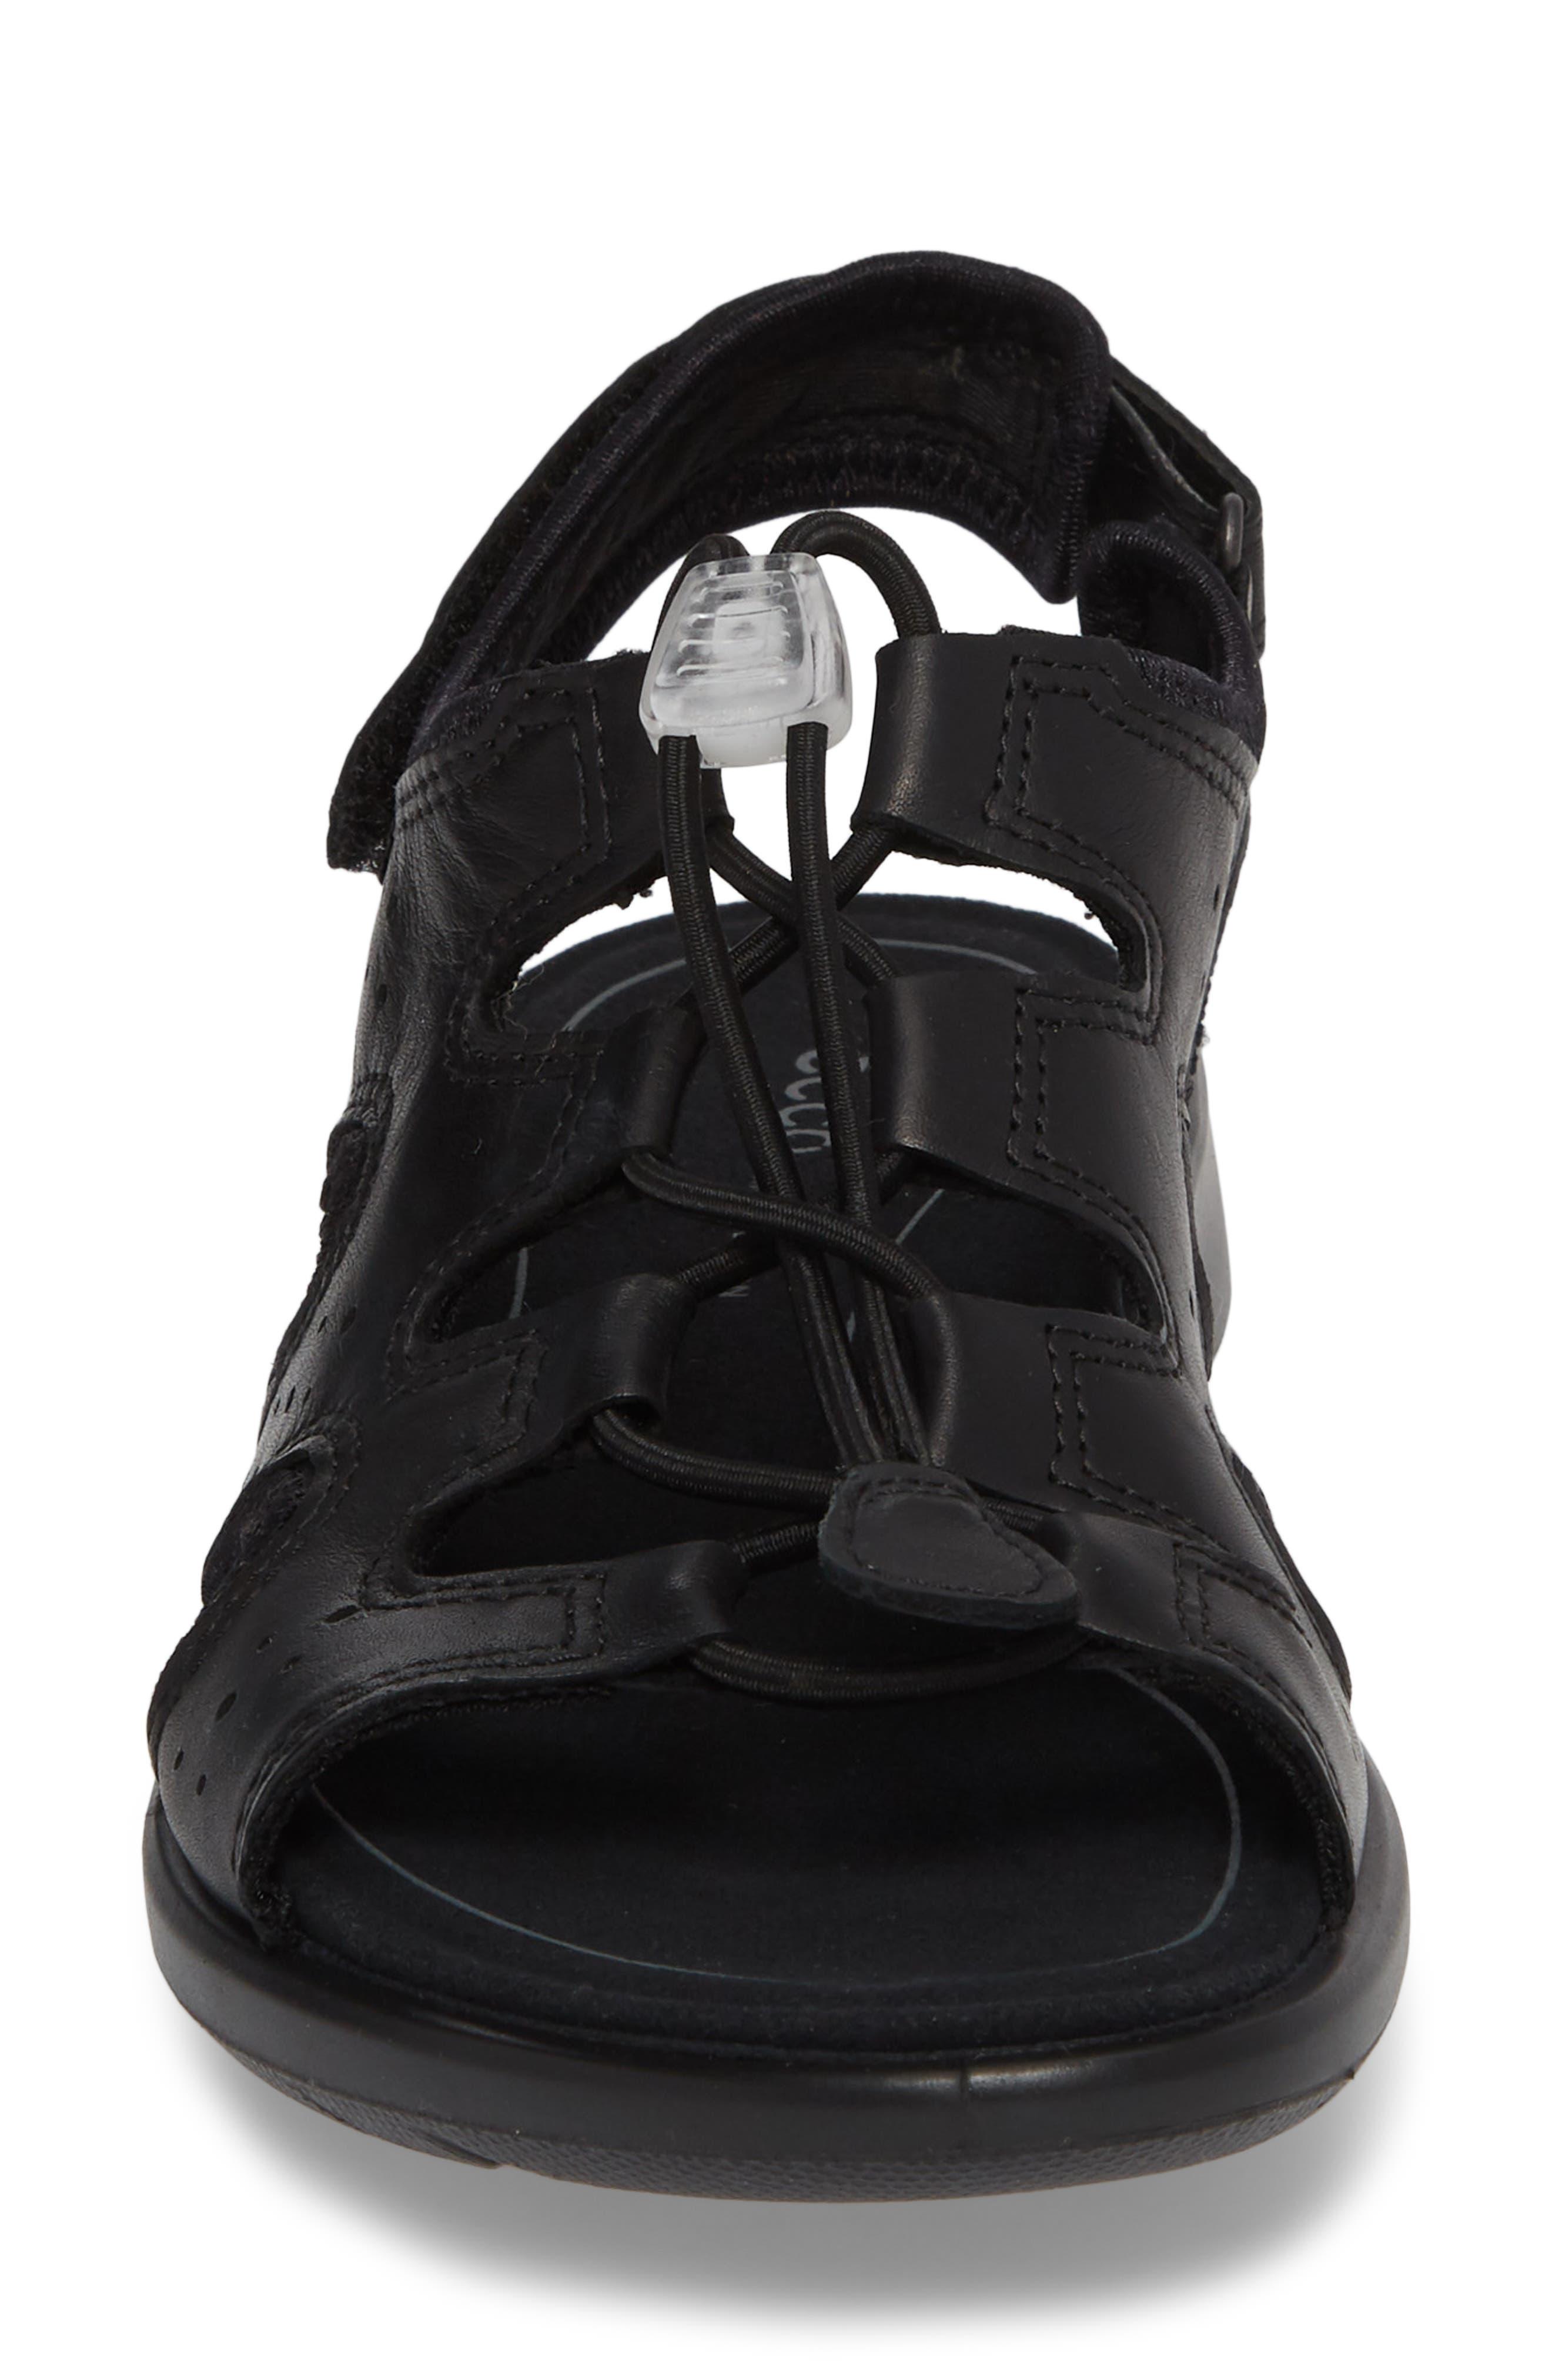 Bluma Toggle Sandal,                             Alternate thumbnail 4, color,                             Black Leather